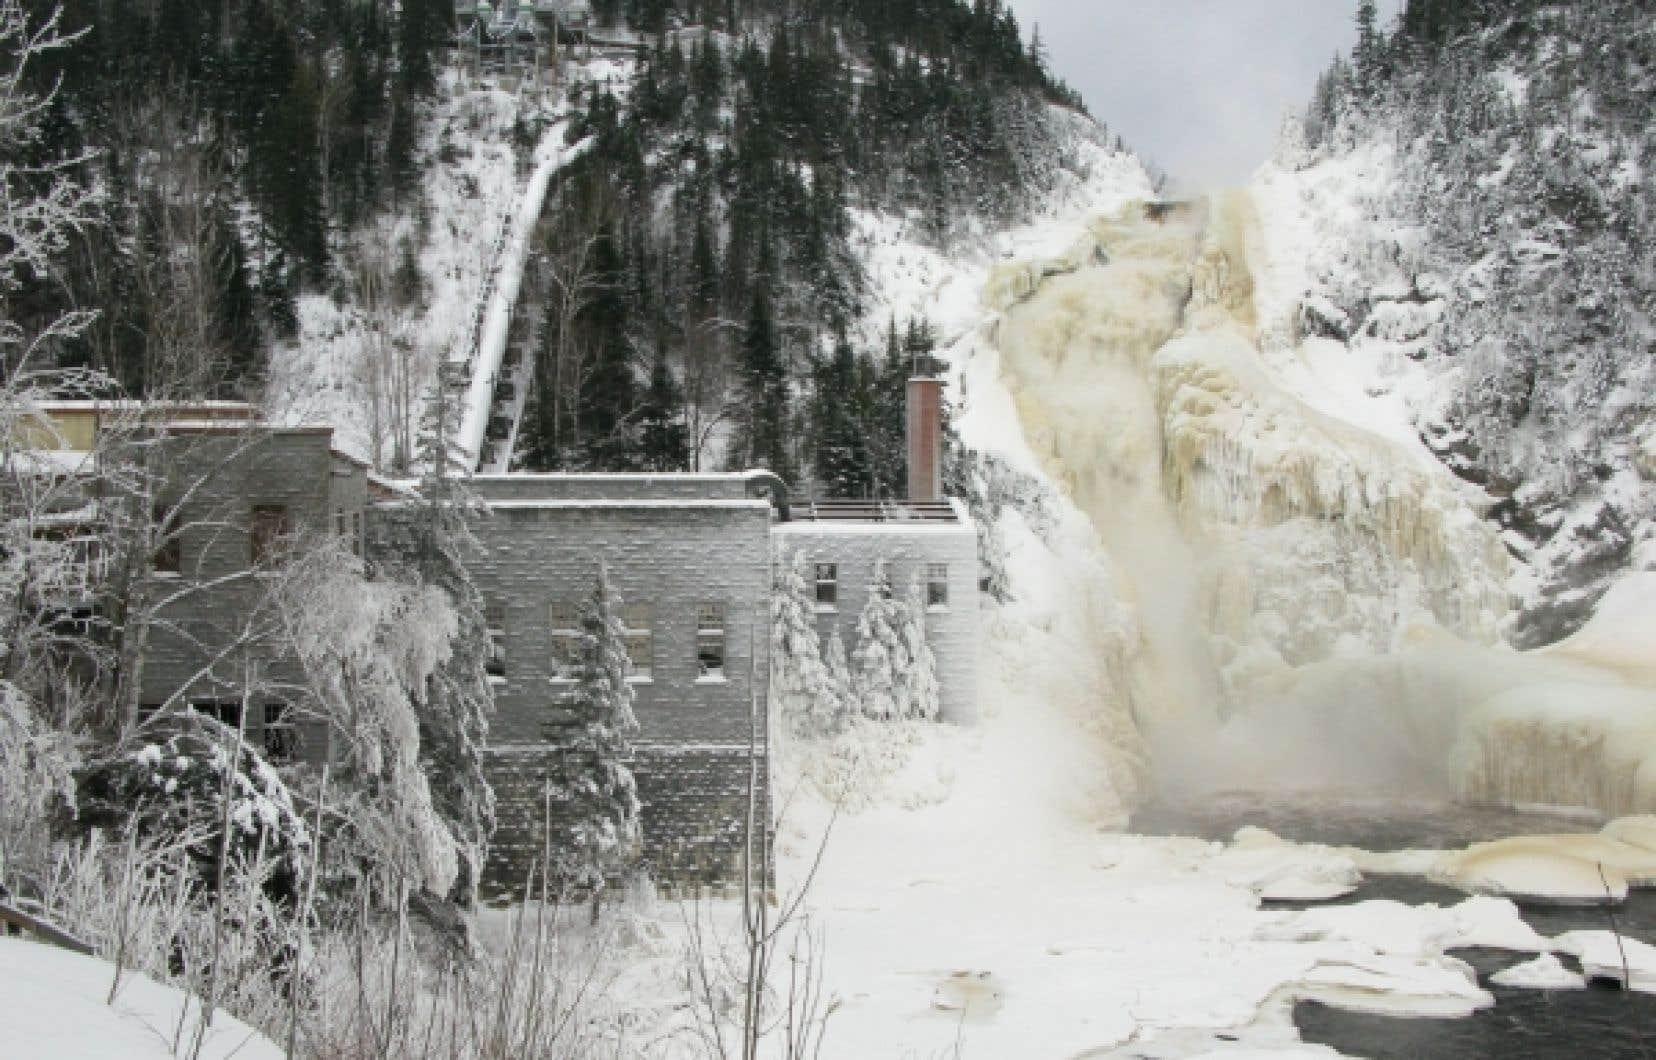 La chute Ouiatchouan, qui alimentait le moulin à pulpe du village de Val-Jalbert, semble figée dans le temps.